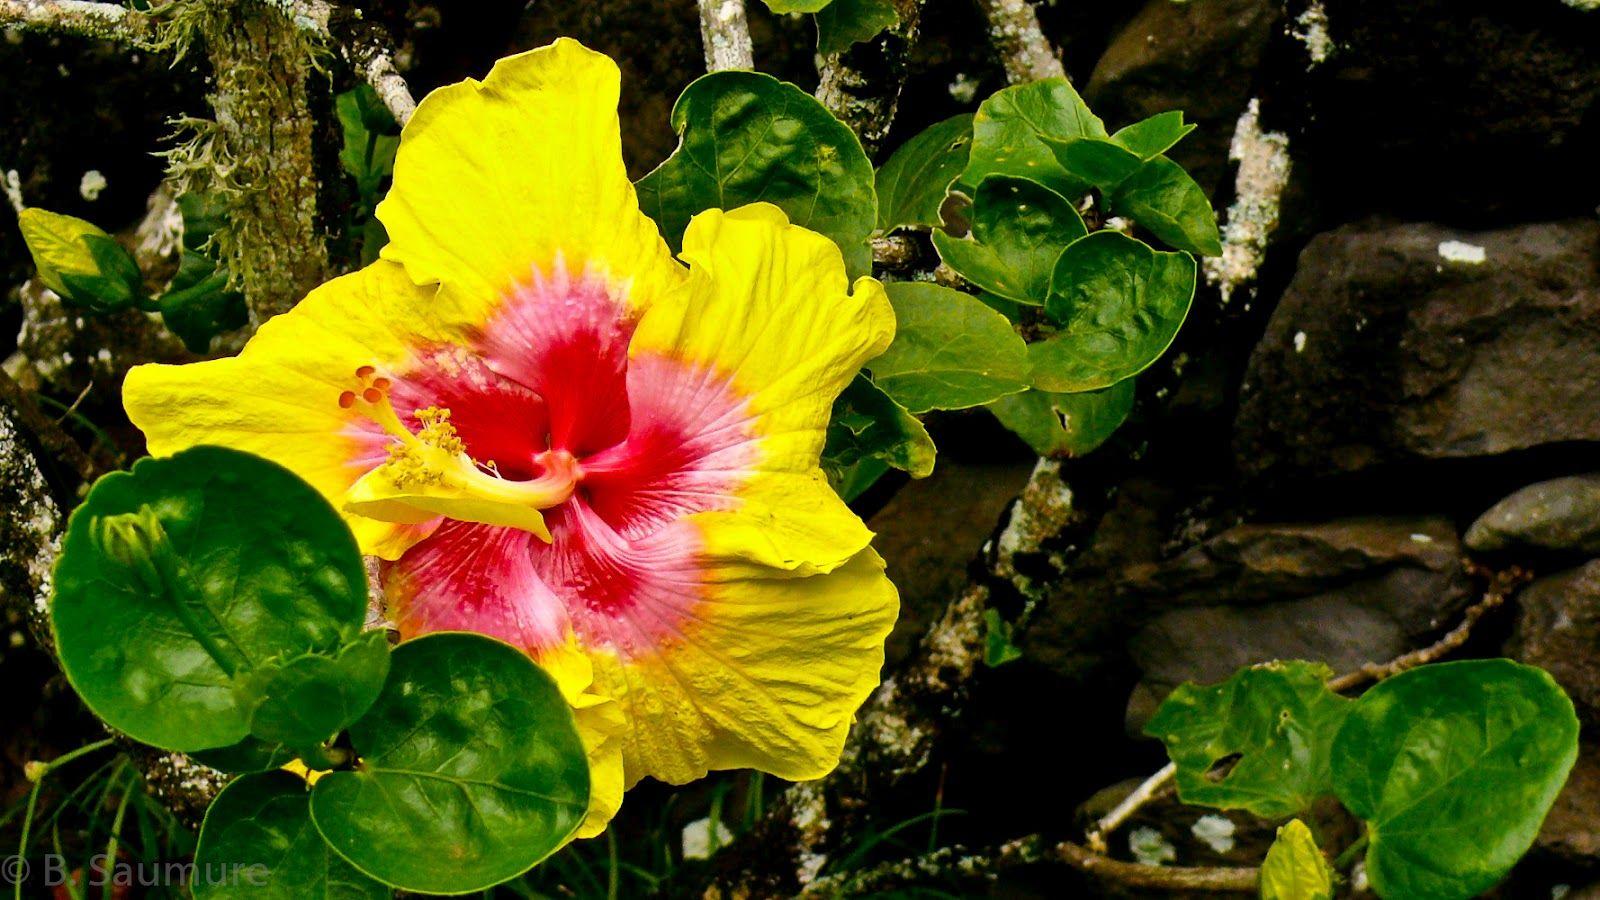 Yellow hibiscus hawaii state flower my photography pinterest yellow hibiscus hawaii state flower izmirmasajfo